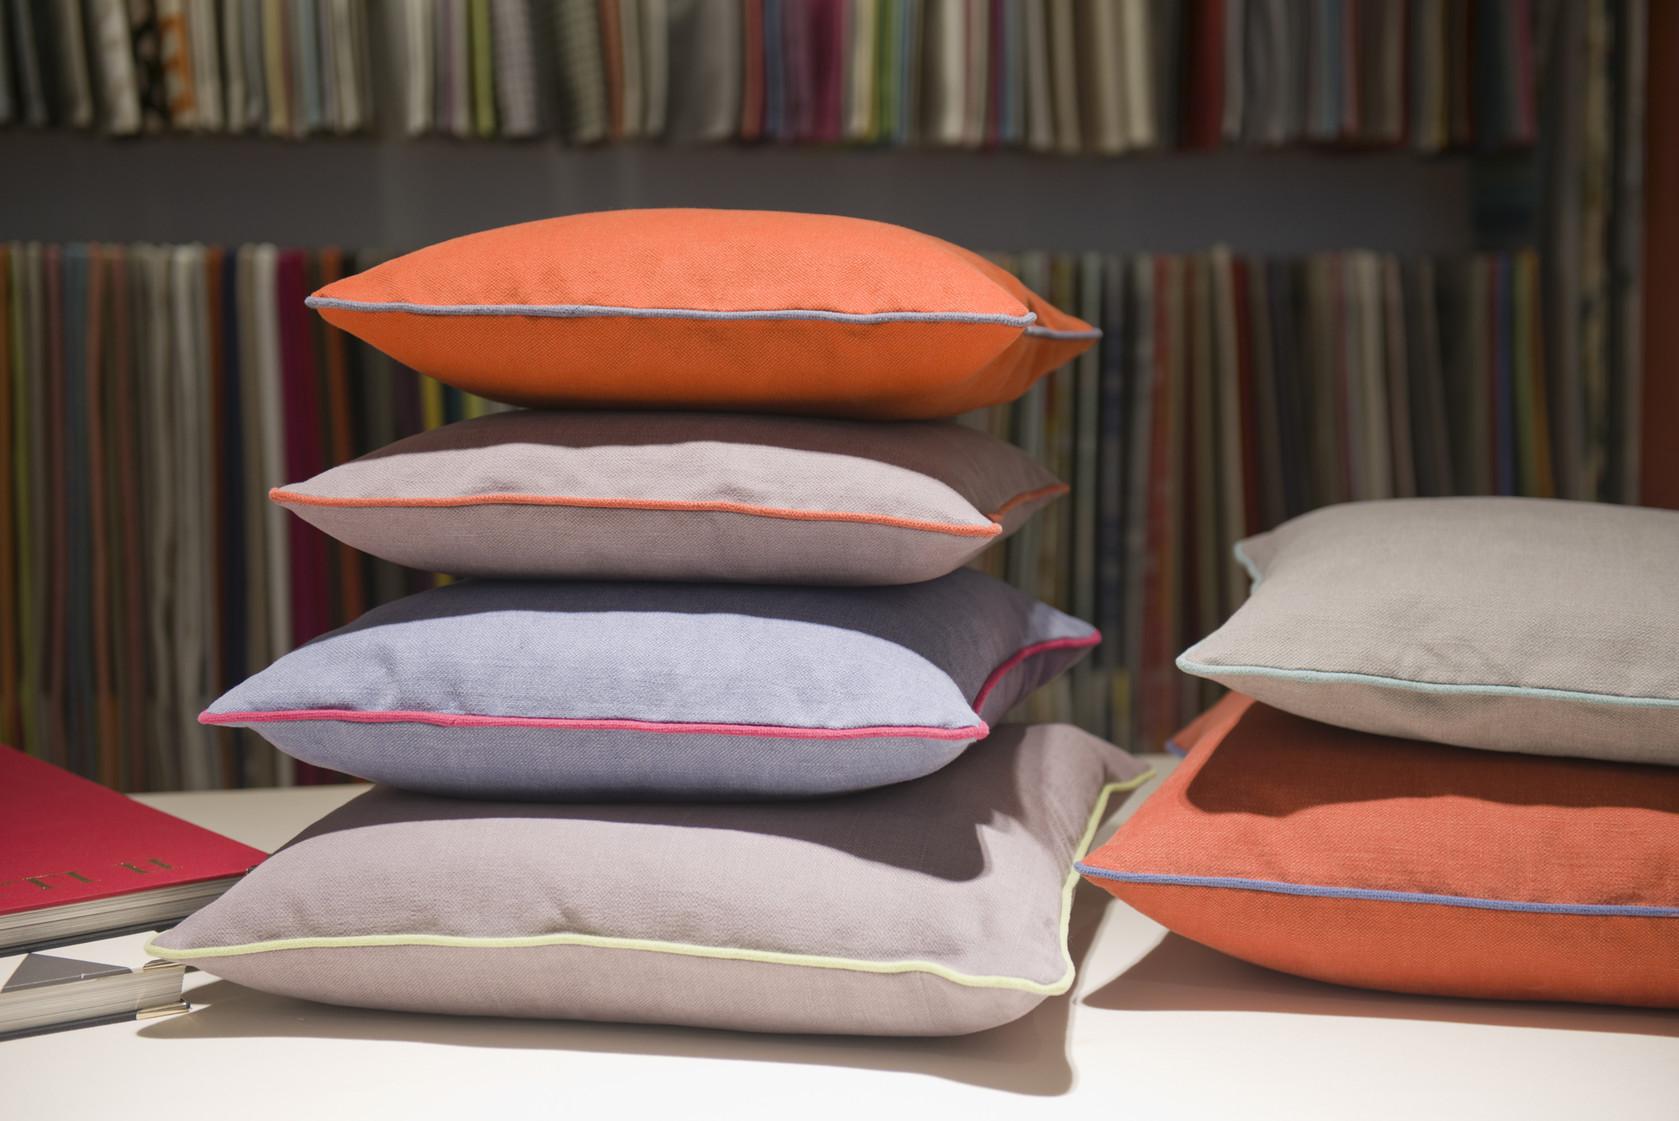 bettdecken bedrucken schulenburg kleiderschr nke warme bettdecken unterschiedliche lattenroste. Black Bedroom Furniture Sets. Home Design Ideas